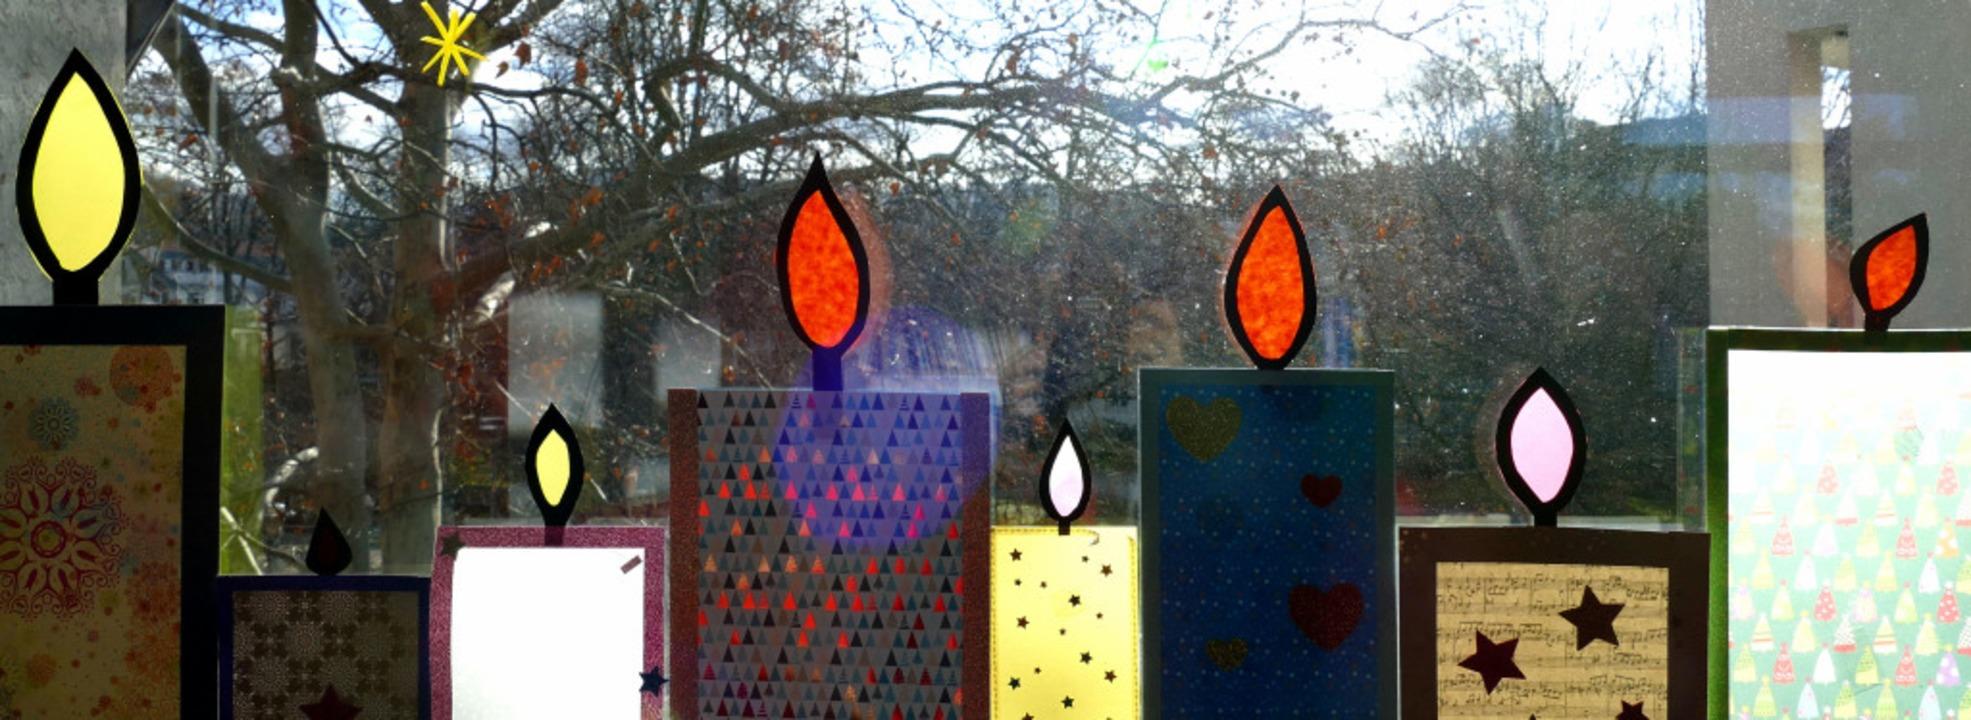 Fensterschmuck  auf der Kinderkrebsstation  | Foto: Sonja Zellmann